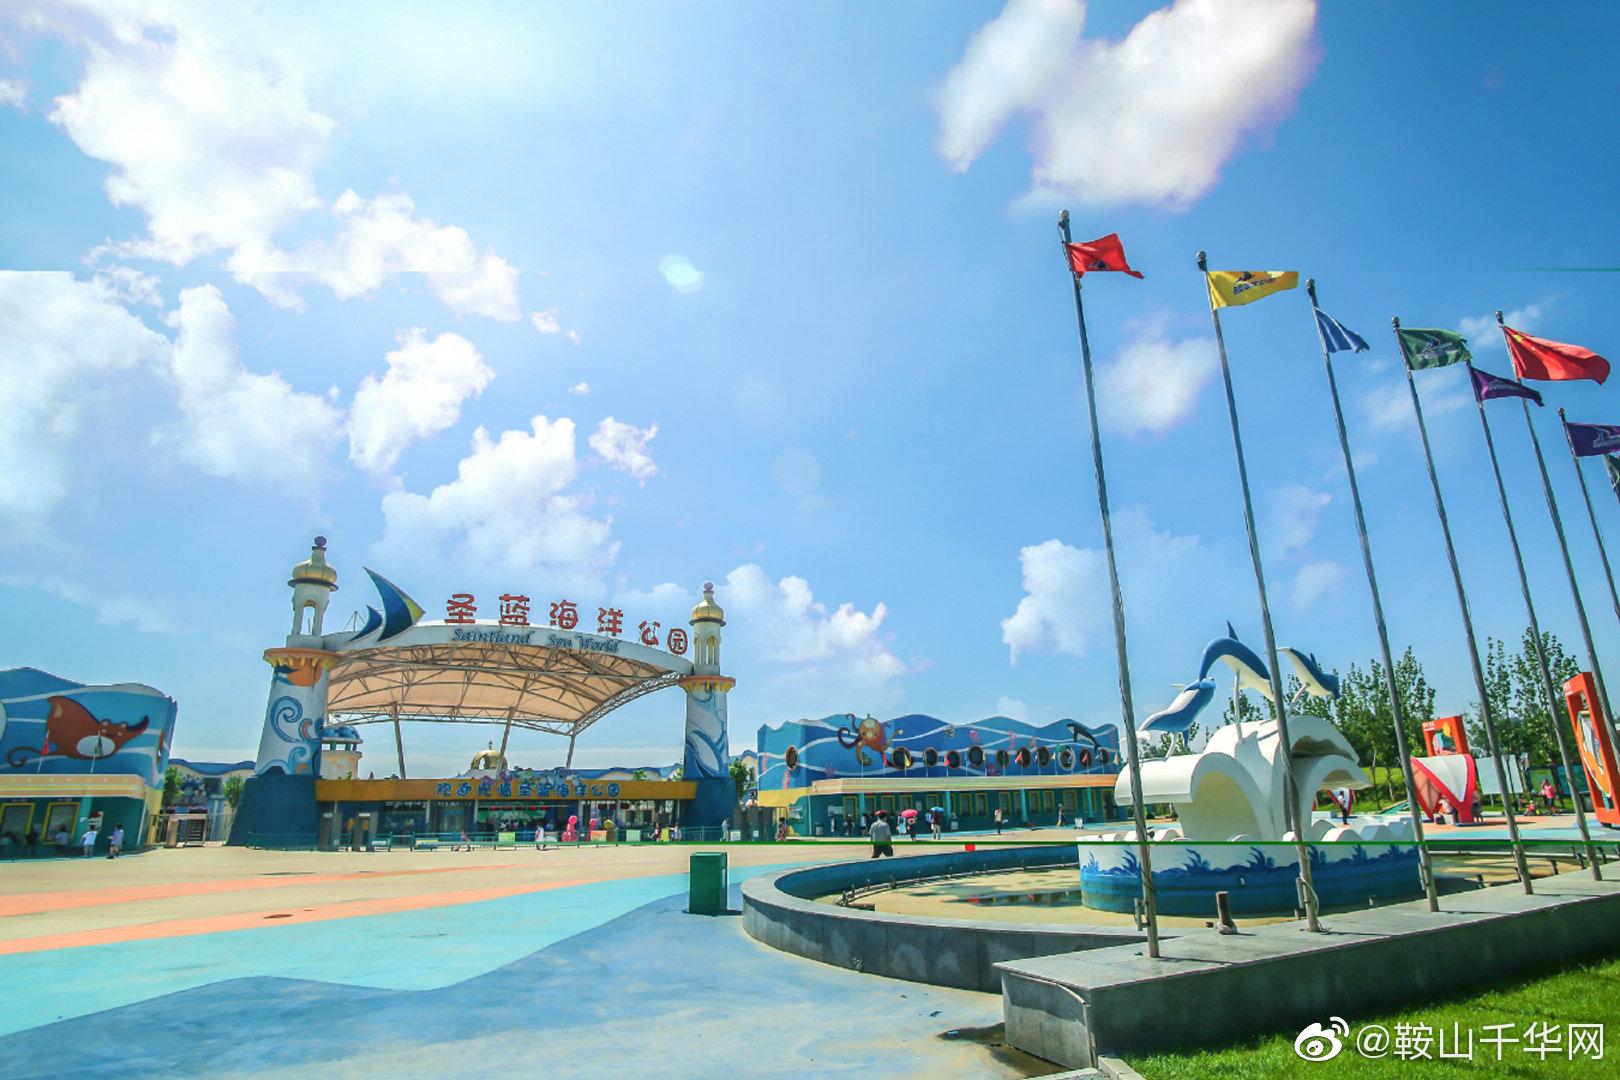 圣蓝董事长_秦皇岛圣蓝海洋公园中国北方最具规模的海洋主题公园